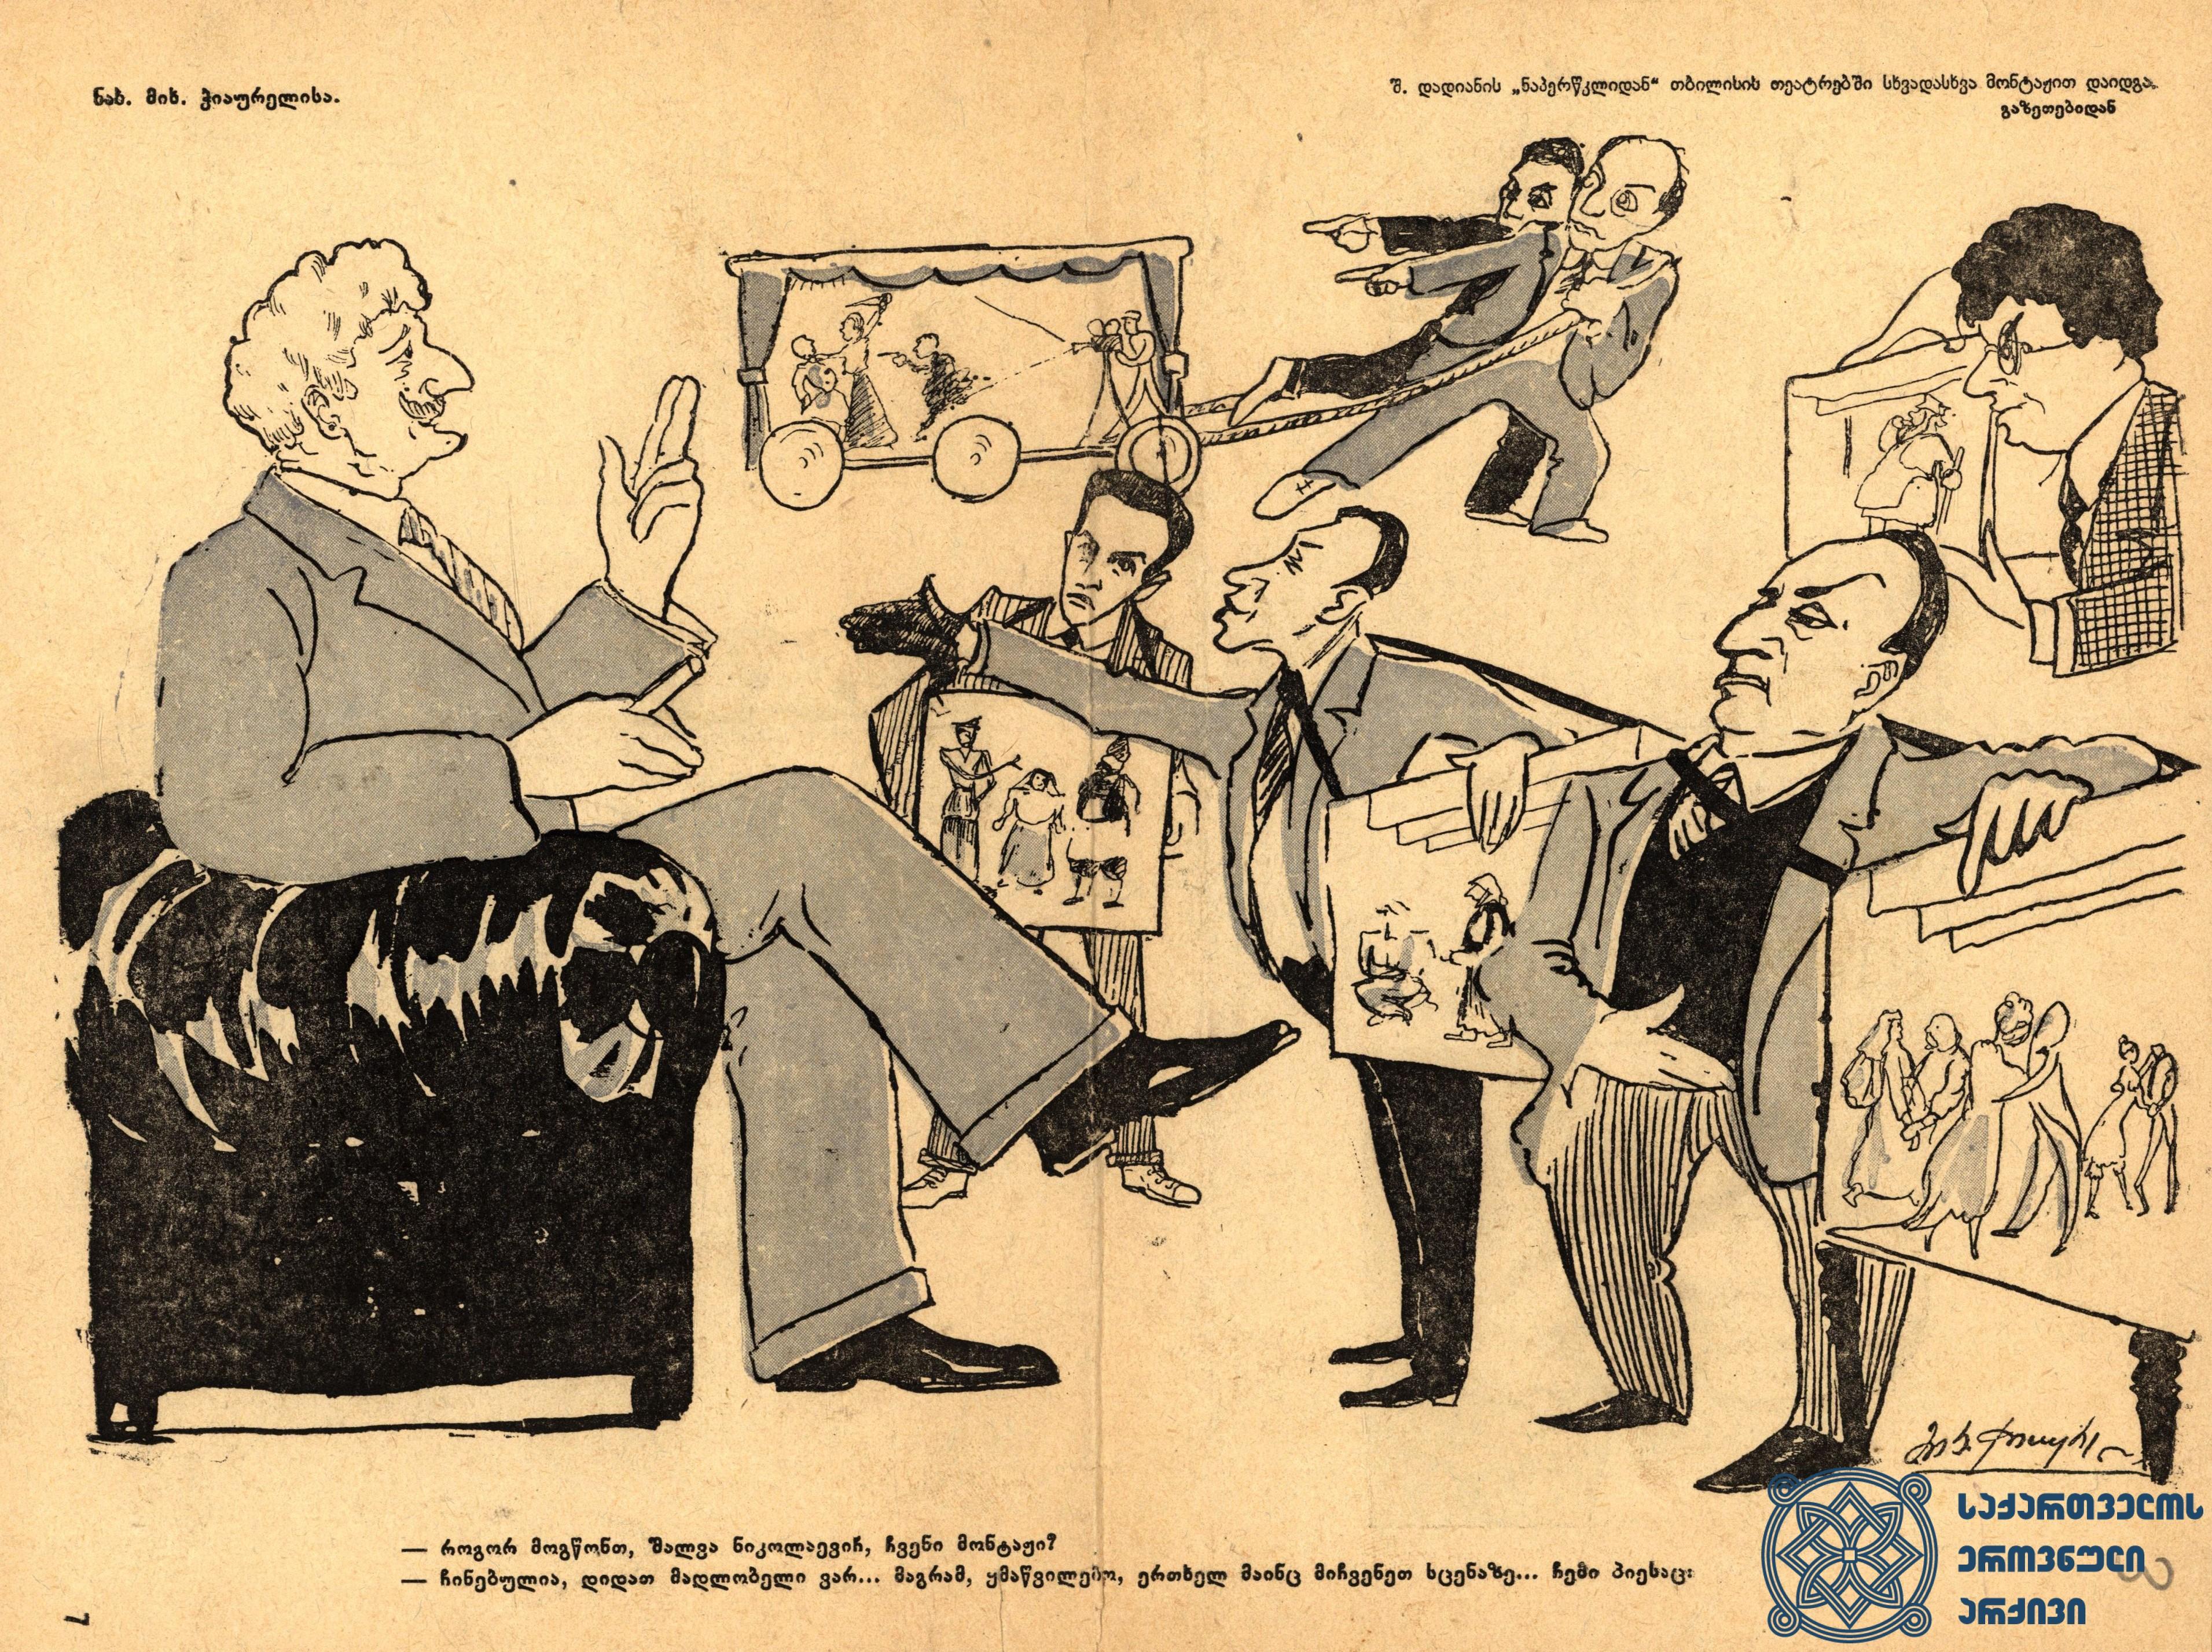 მიხეილ ჭიაურელის შარჟები, 1930-იანი წლების ბოლო. <br> Caricatures by Mikheil Chiaureli. 1930-ies.